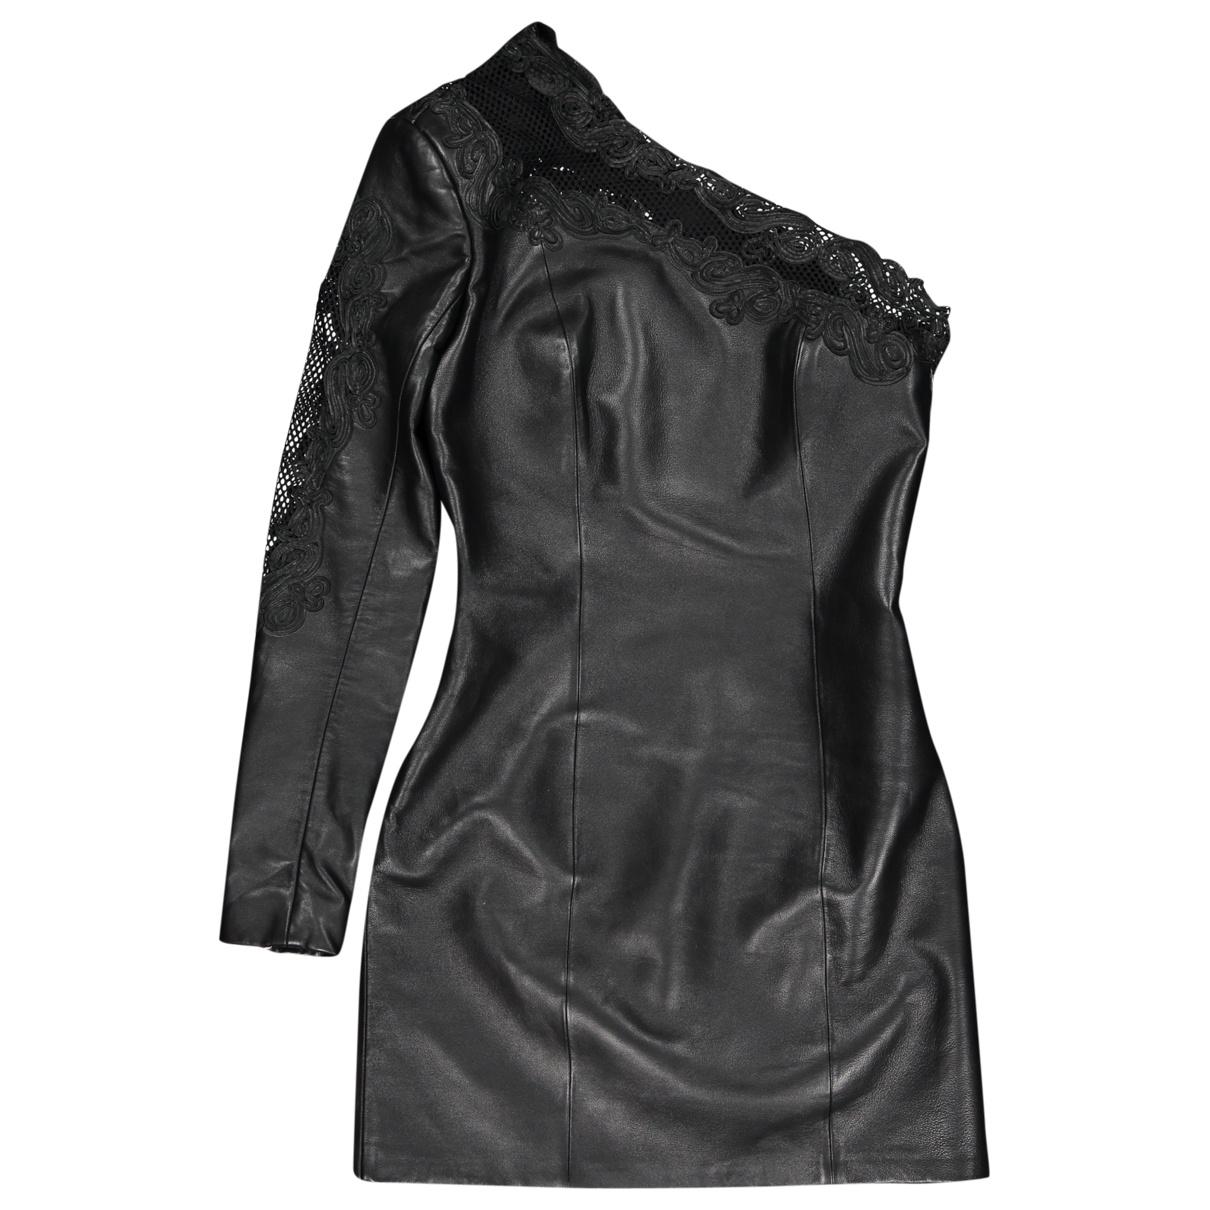 Balmain \N Black Leather dress for Women 36 FR